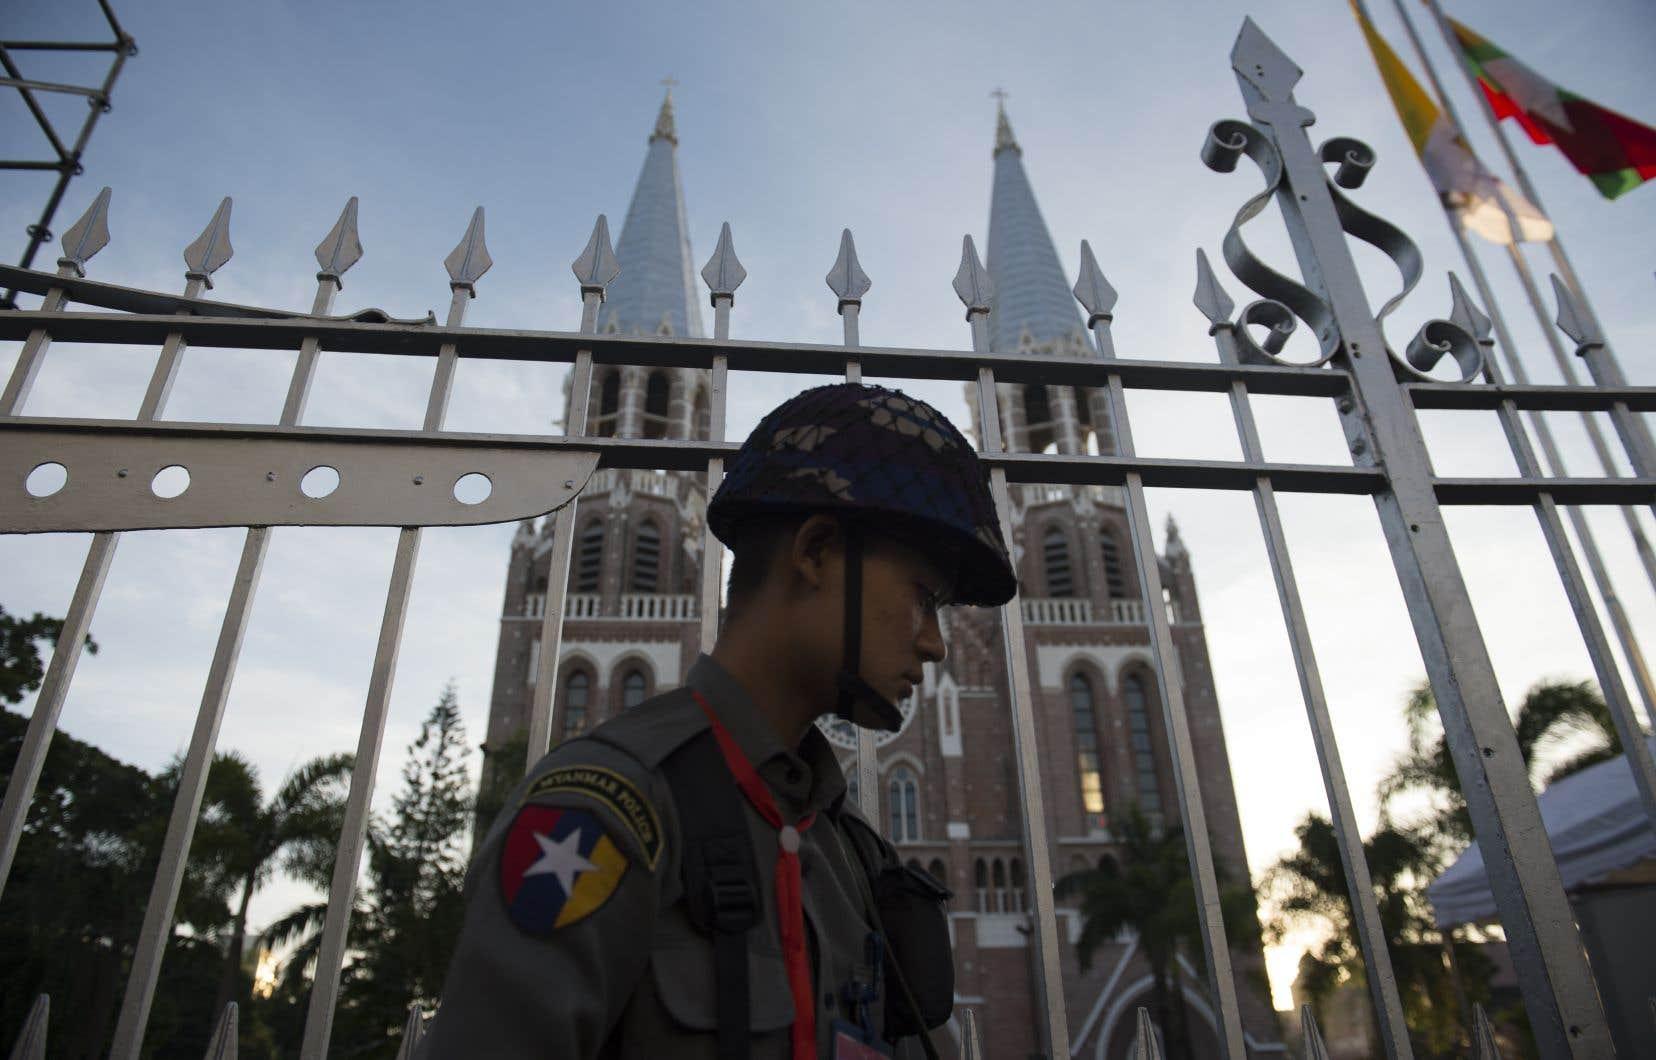 Un soldat myanmarais monte la garde devant la c<span>athédrale de l'Immaculée-Conception</span>, à Rangoun.